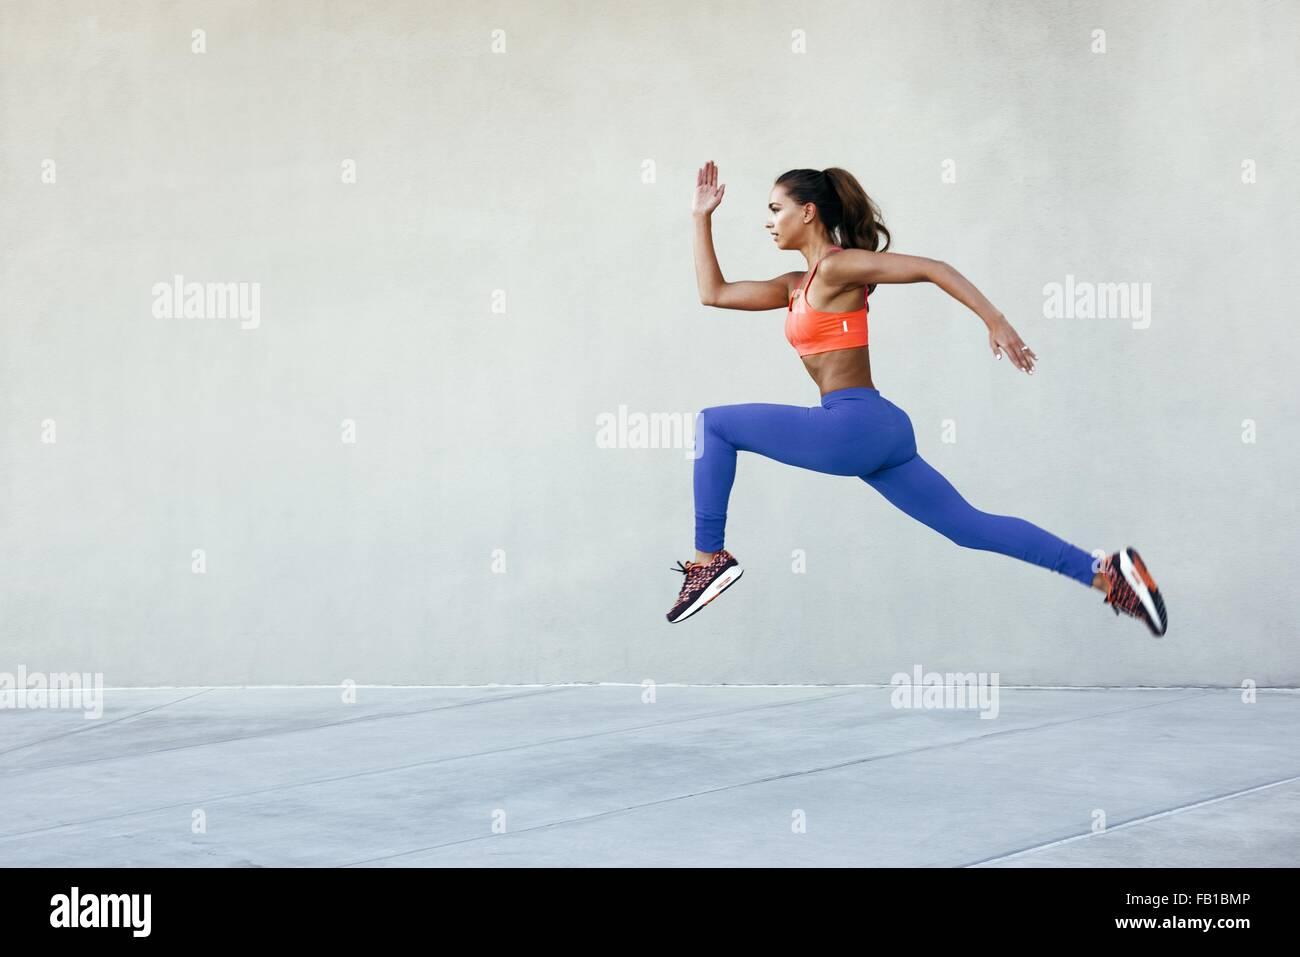 Vue latérale du jeune femme portant des vêtements de sport au milieu de l'air position marche Photo Stock